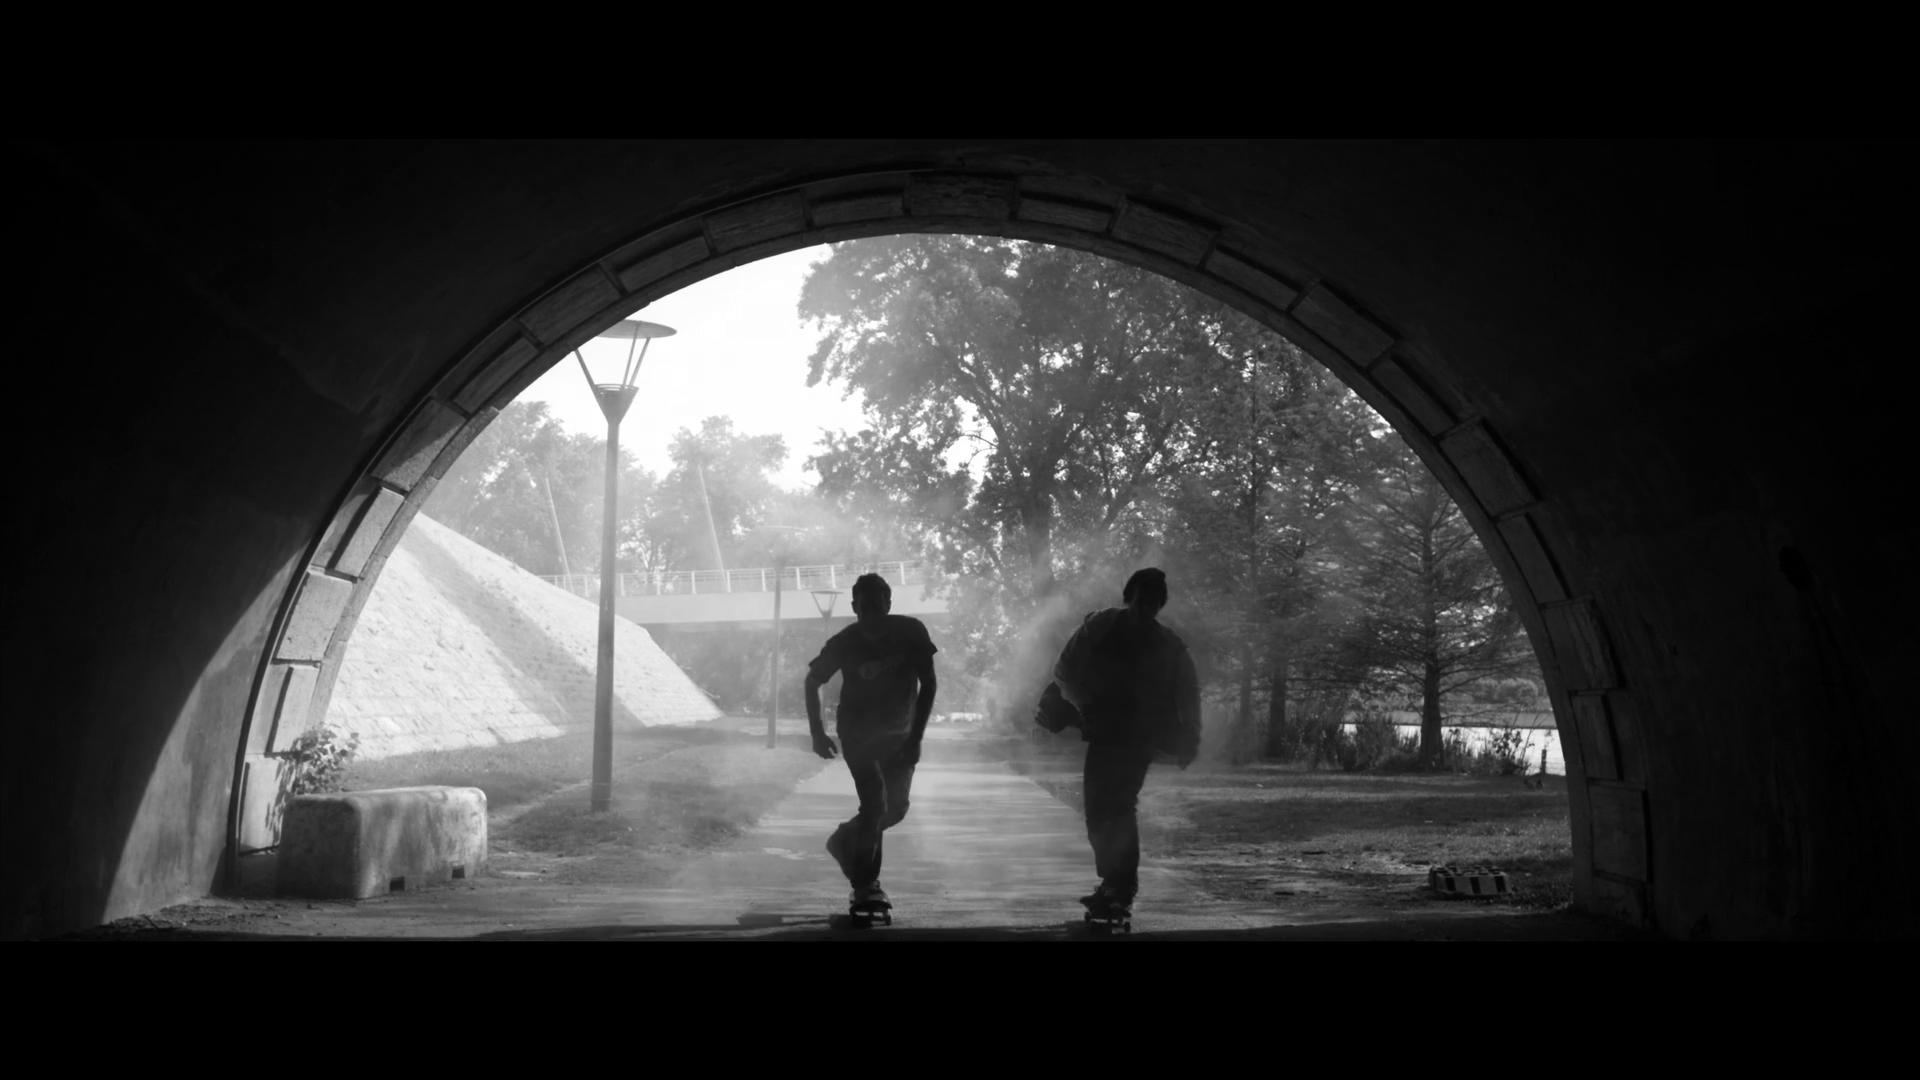 https://vimeo.com/98237086